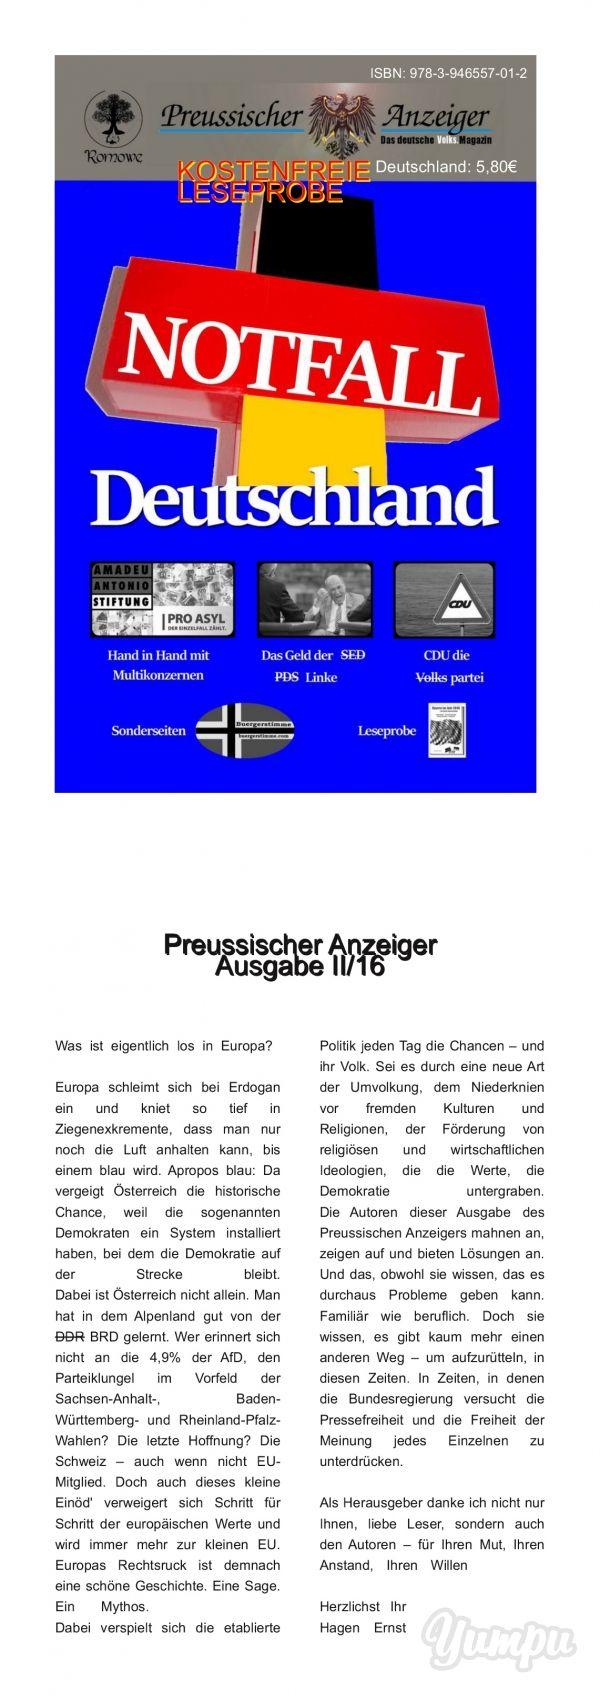 Notfall Deutschland - Die Leseprobe - Magazine with 19 pages: Notfall Deutschland - so das Hauptthema des Preussischen Anzeigers II/2016, erschienen im Juni 2016. 128 Seiten voller Information und Hintergrundberichte, mit den Sonderseiten der Bürgerstimme. (ISBN 978-3-946557012 - 128 Seiten - Deutschland 5,80€)